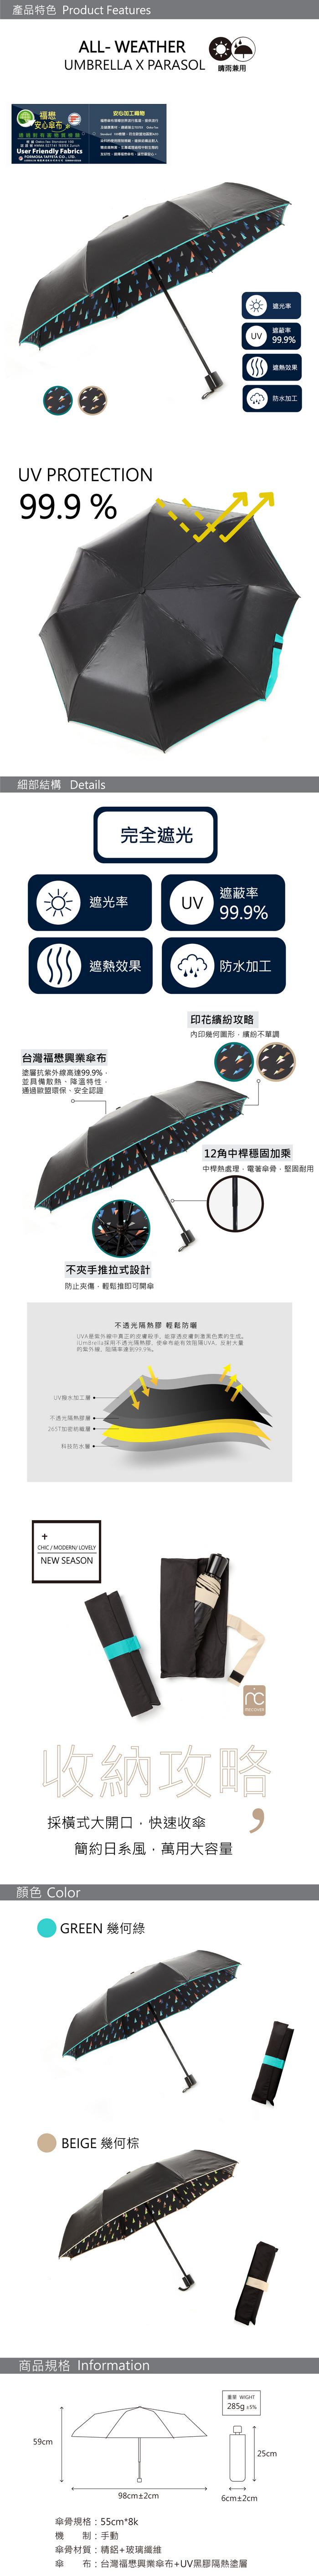 MECOVER【完美防曬】零透光黑膠加大手開傘-幾何棕